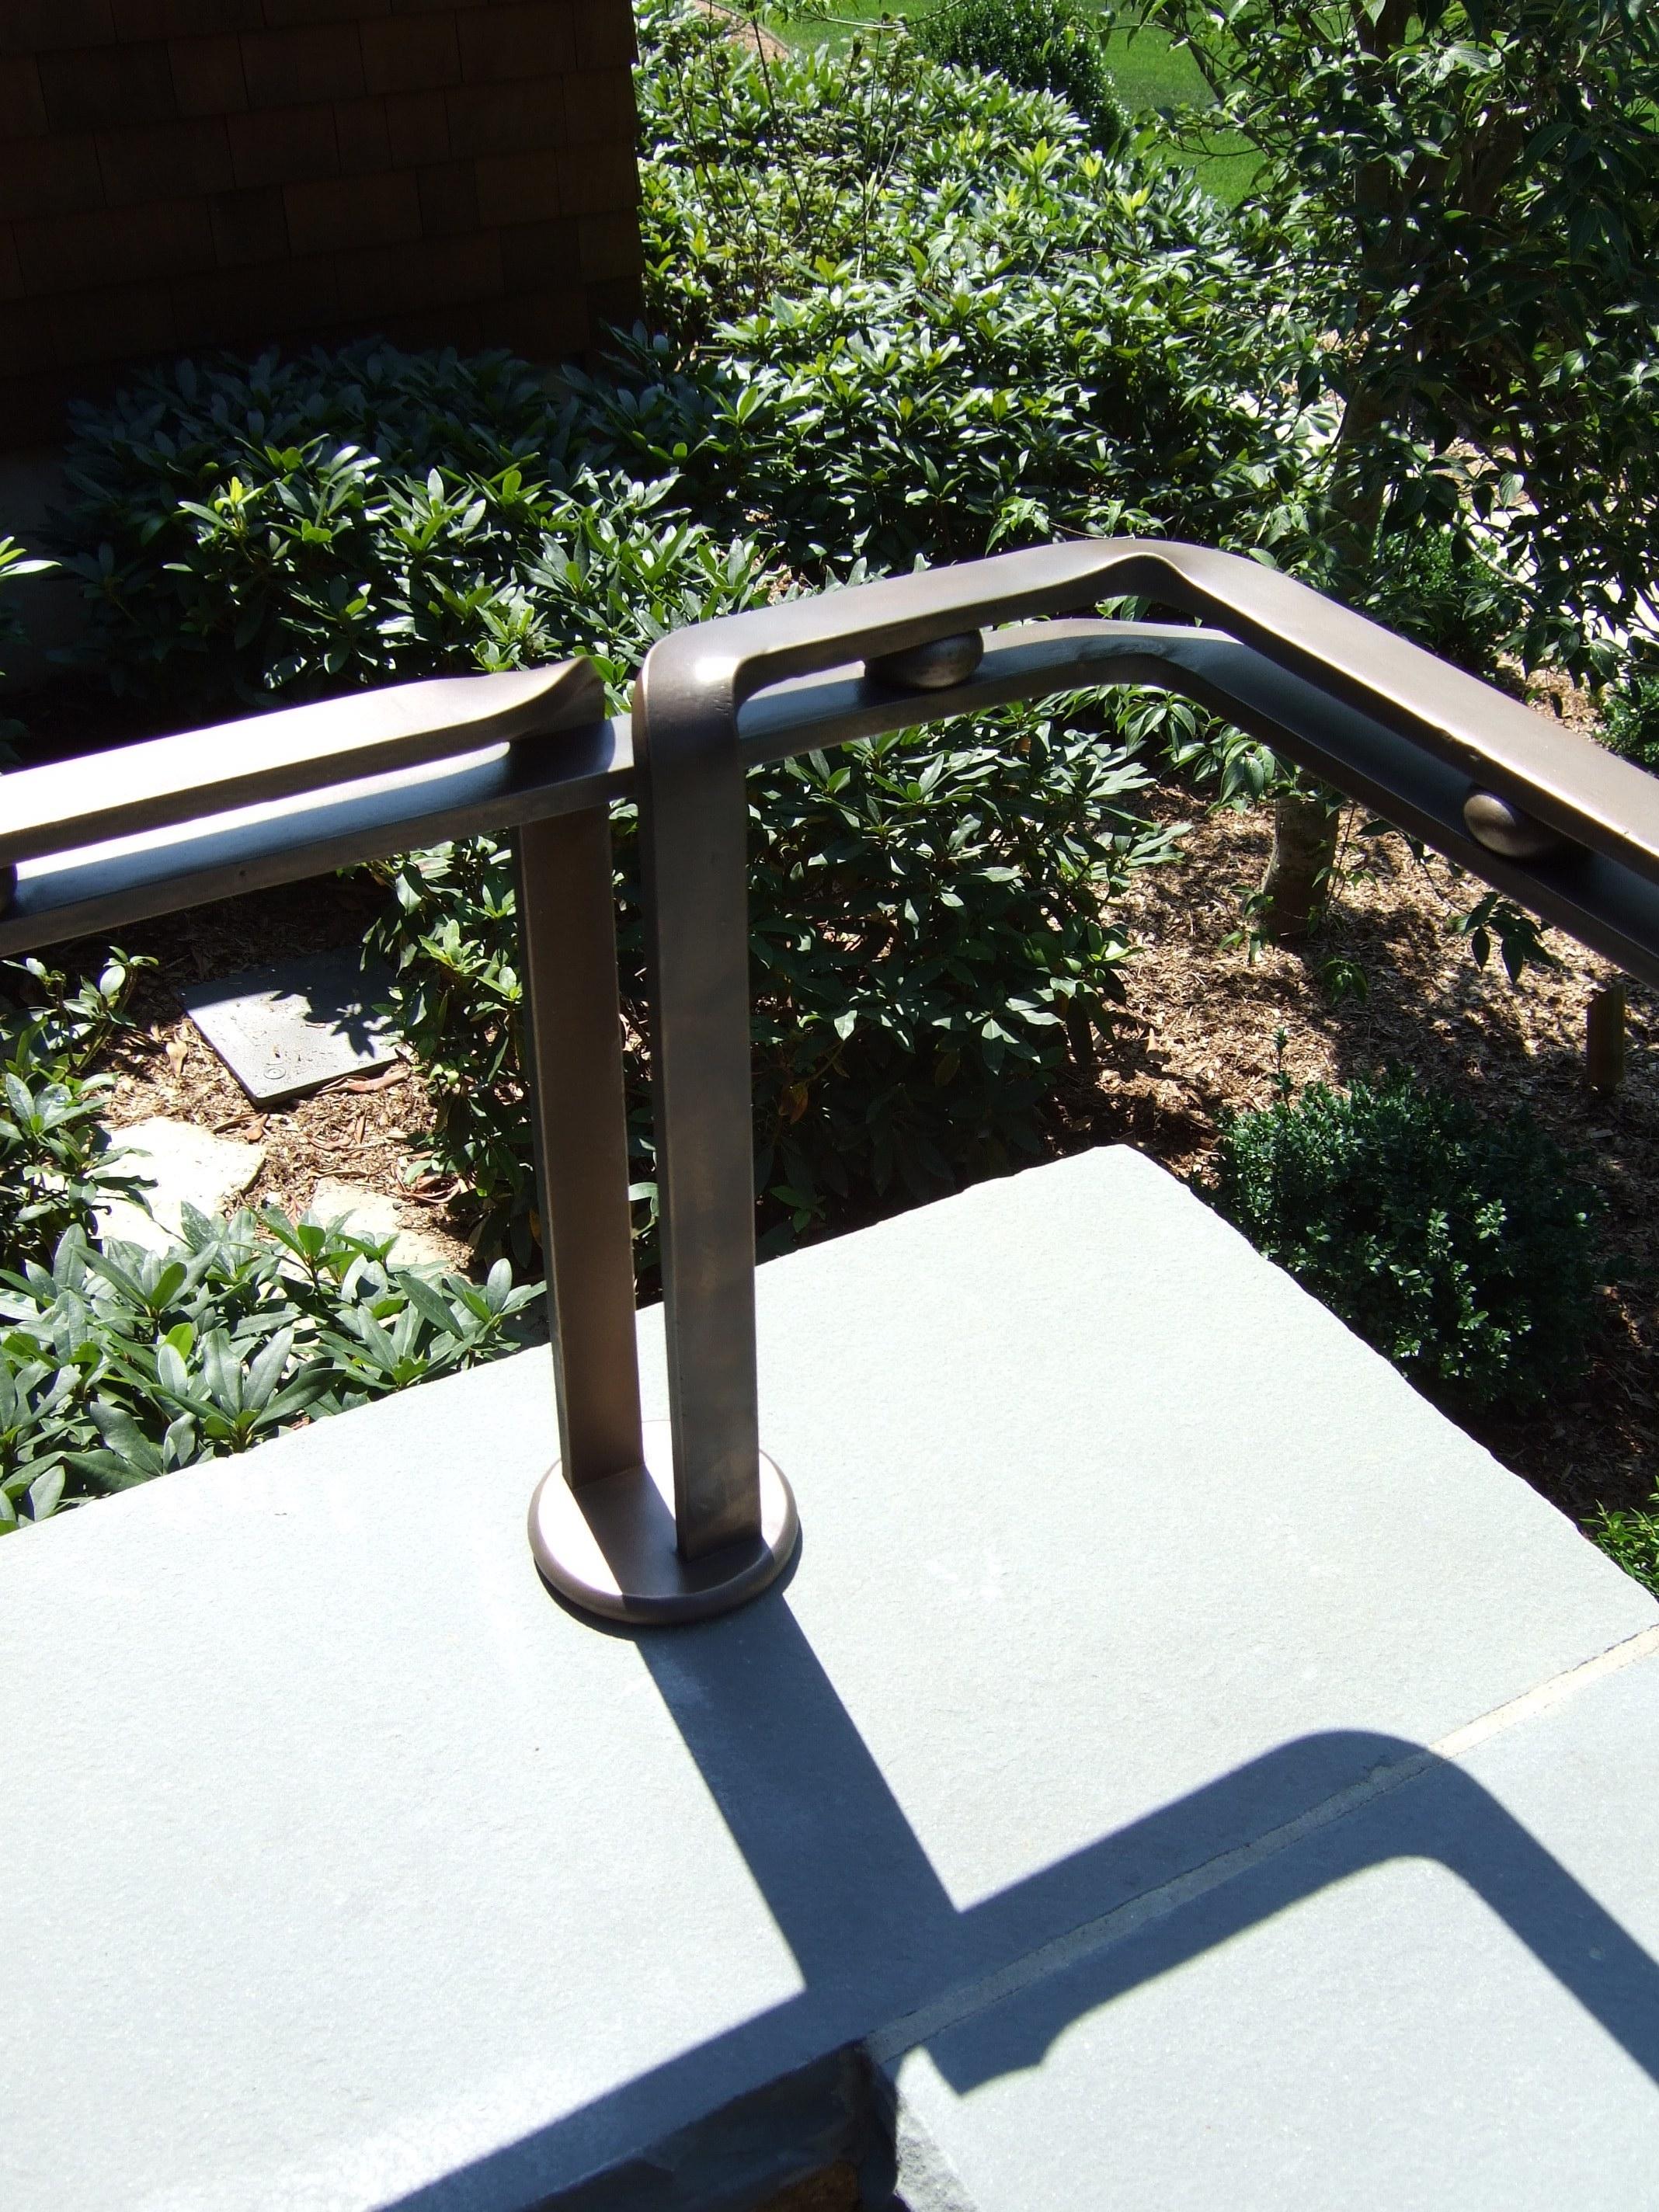 Detail of Knee Wall Corner